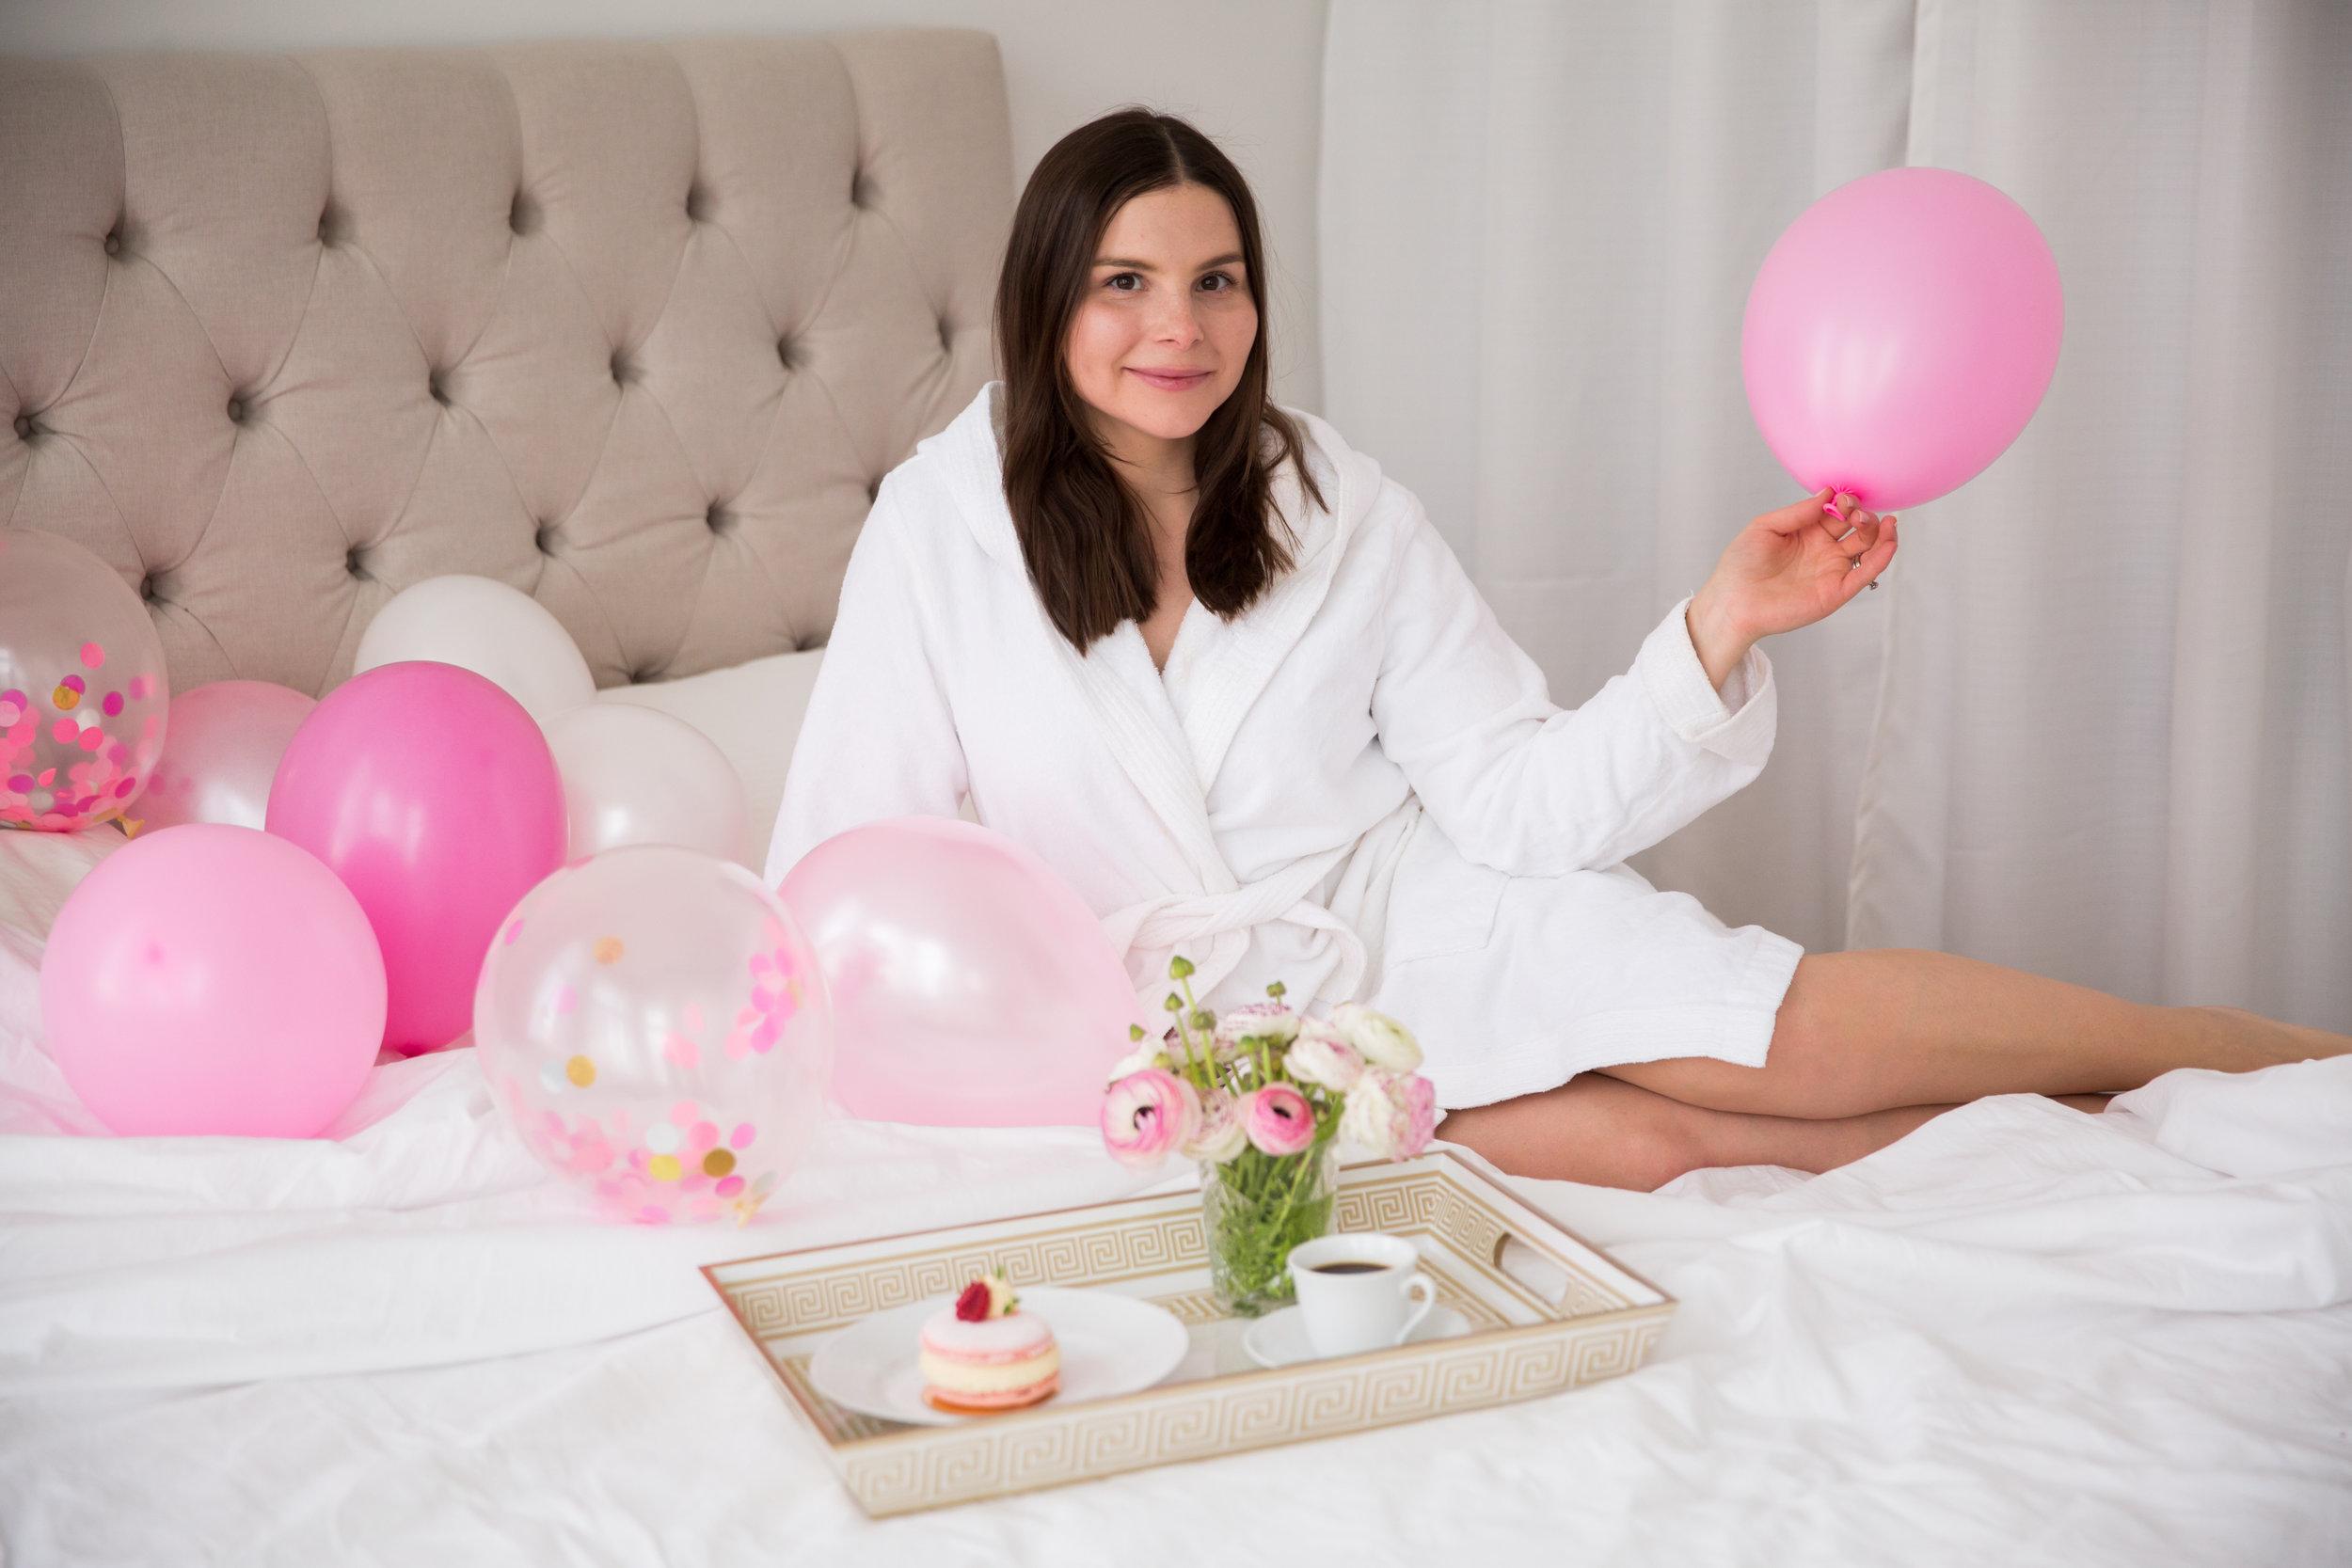 fodelsedag ballonger Angelica Aurell.jpg